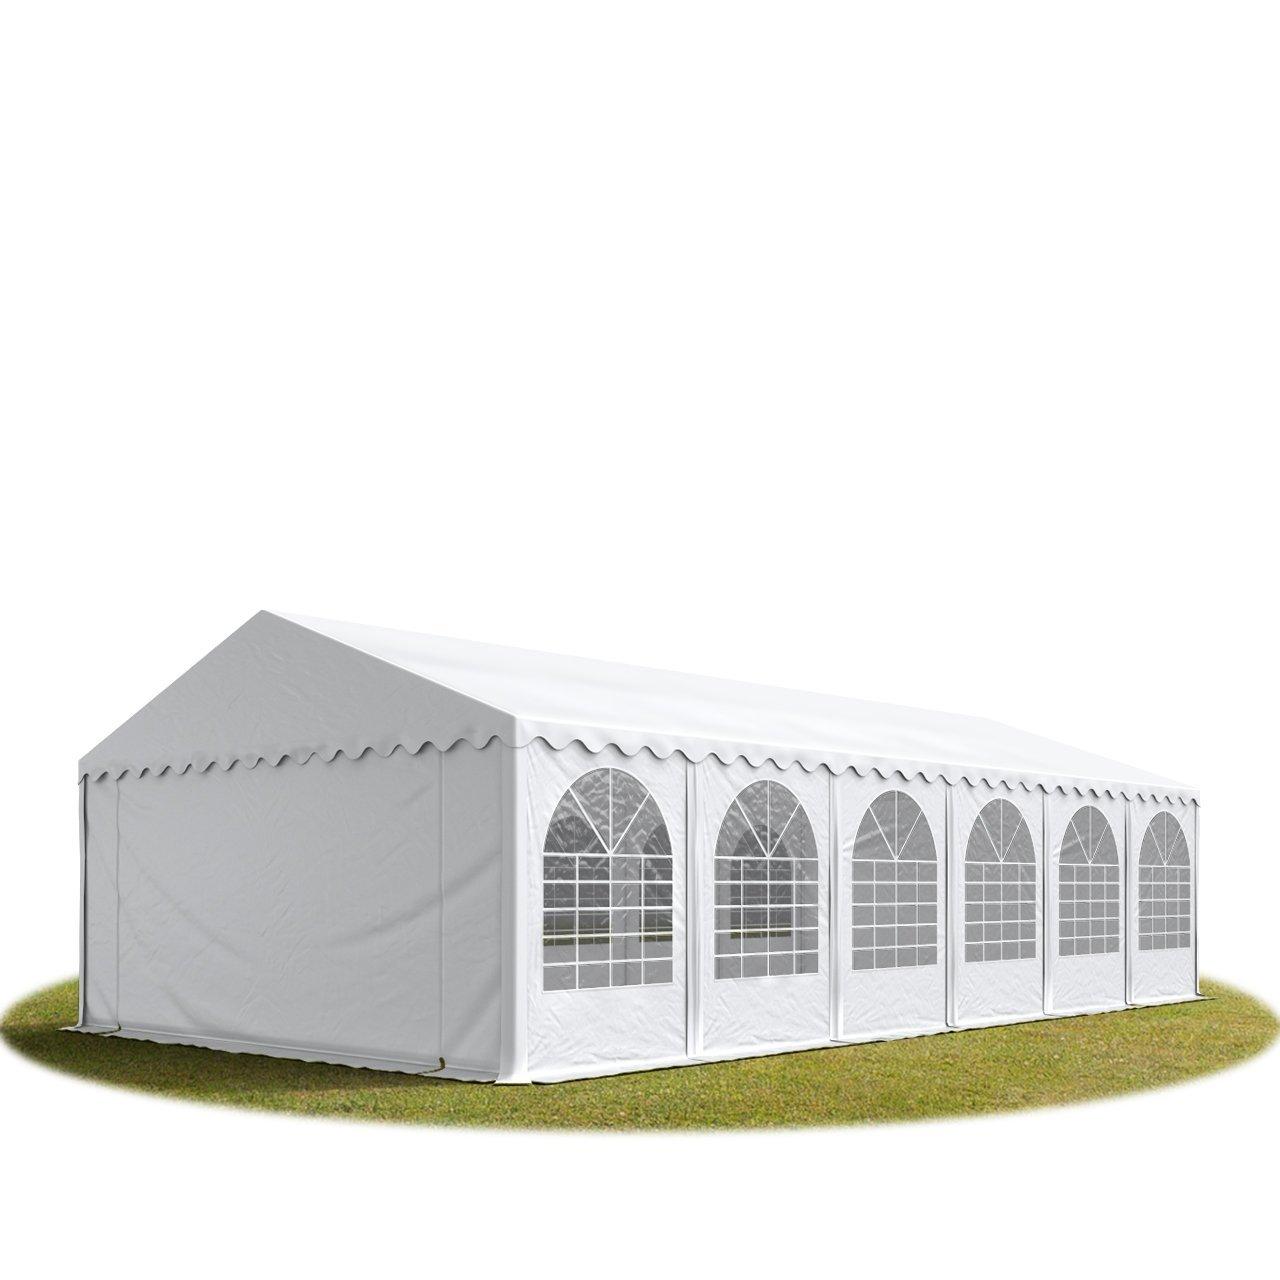 Festzelt XXL Partyzelt 6x12m, hochwertige 550g/m² feuersichere PVC Plane nach DIN in weiß, 100% wasserdicht, vollverzinkte Stahlkonstruktion mit Verbolzung, Seitenhöhe ca. 2,6 m